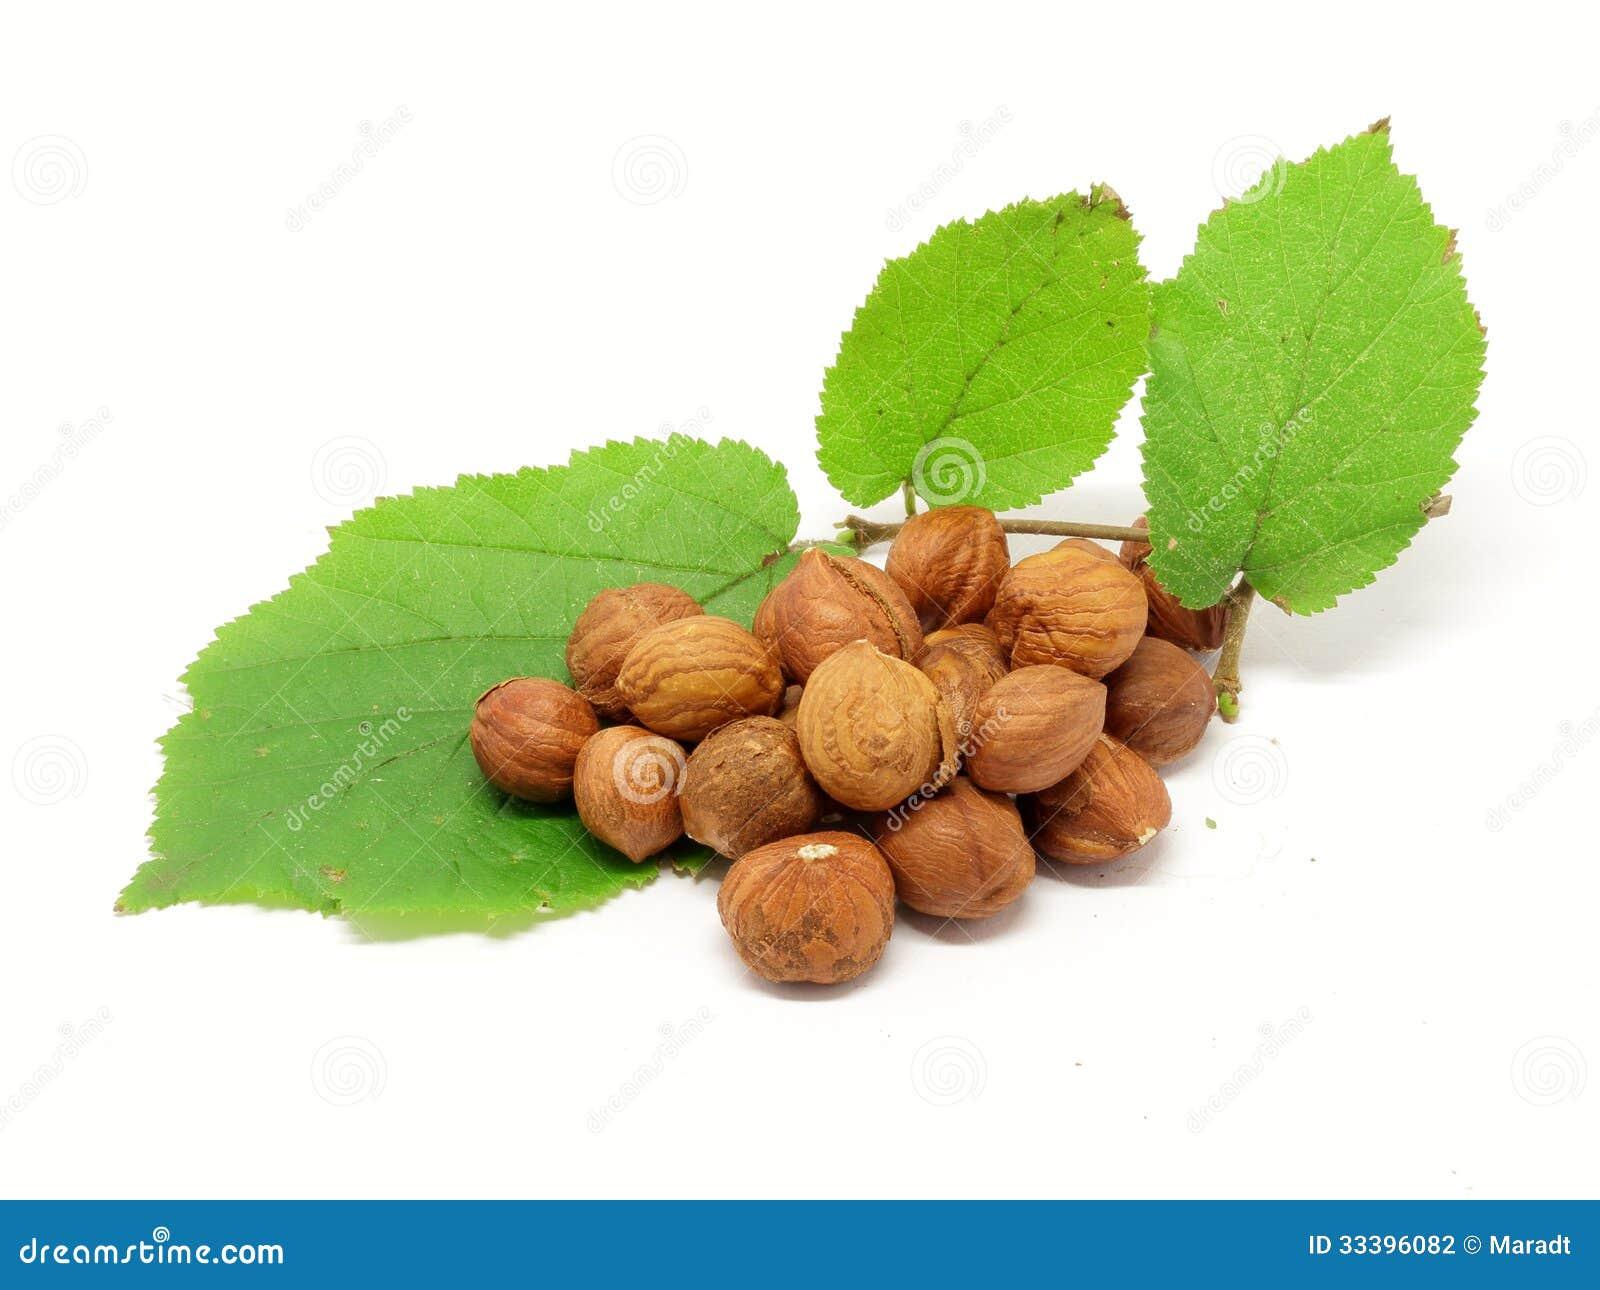 堆榛子和淡褐枝杈